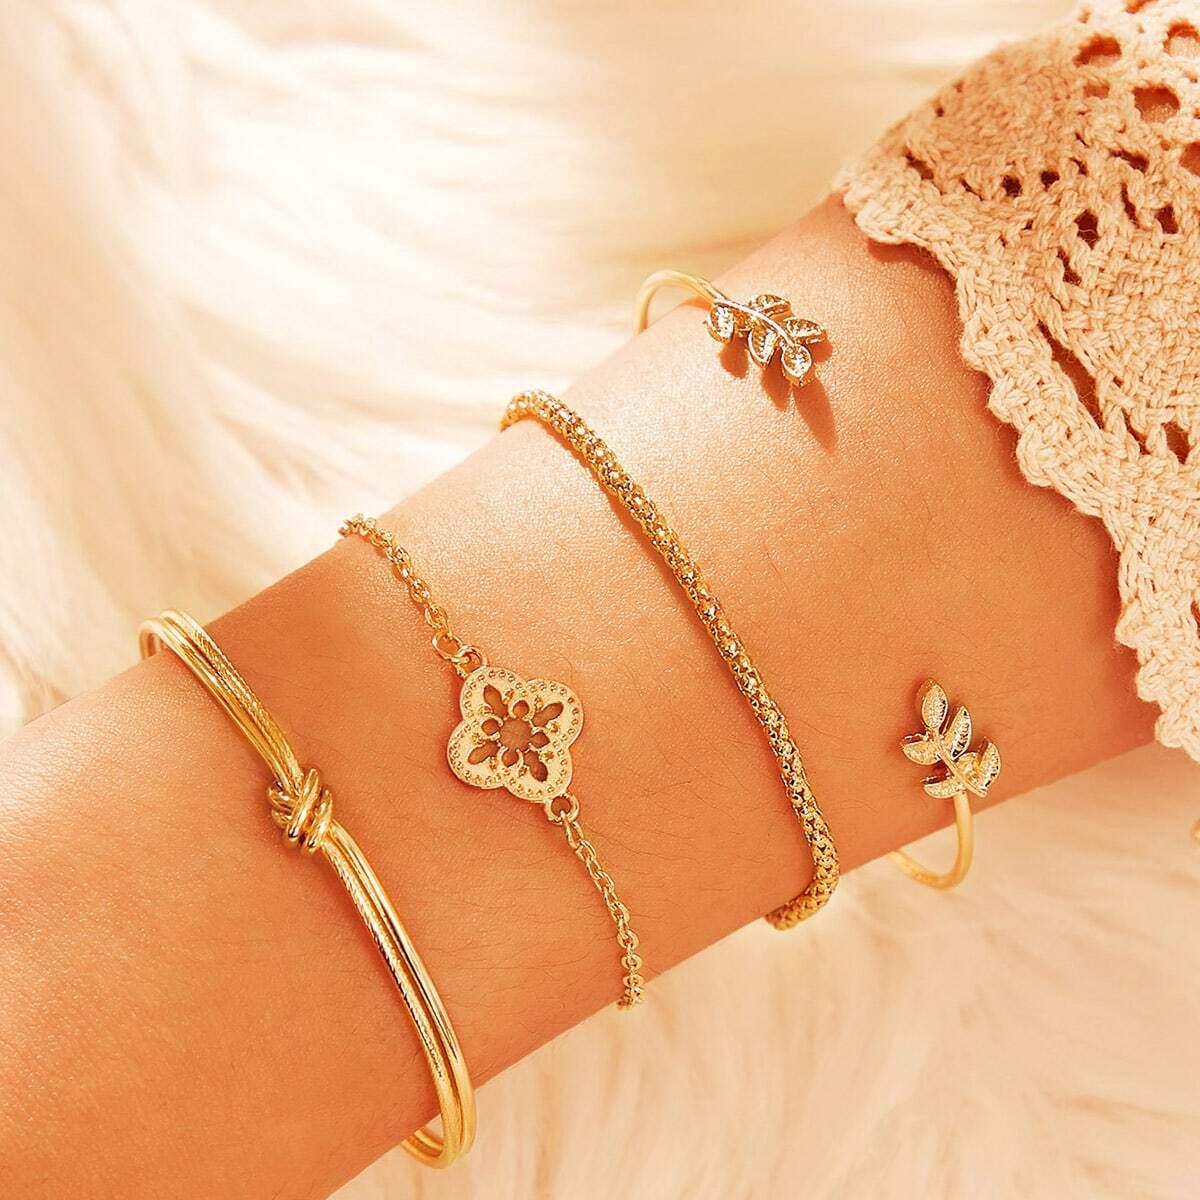 Armband mit Blatt & Blumen Dekor und Kette 4 Stücke